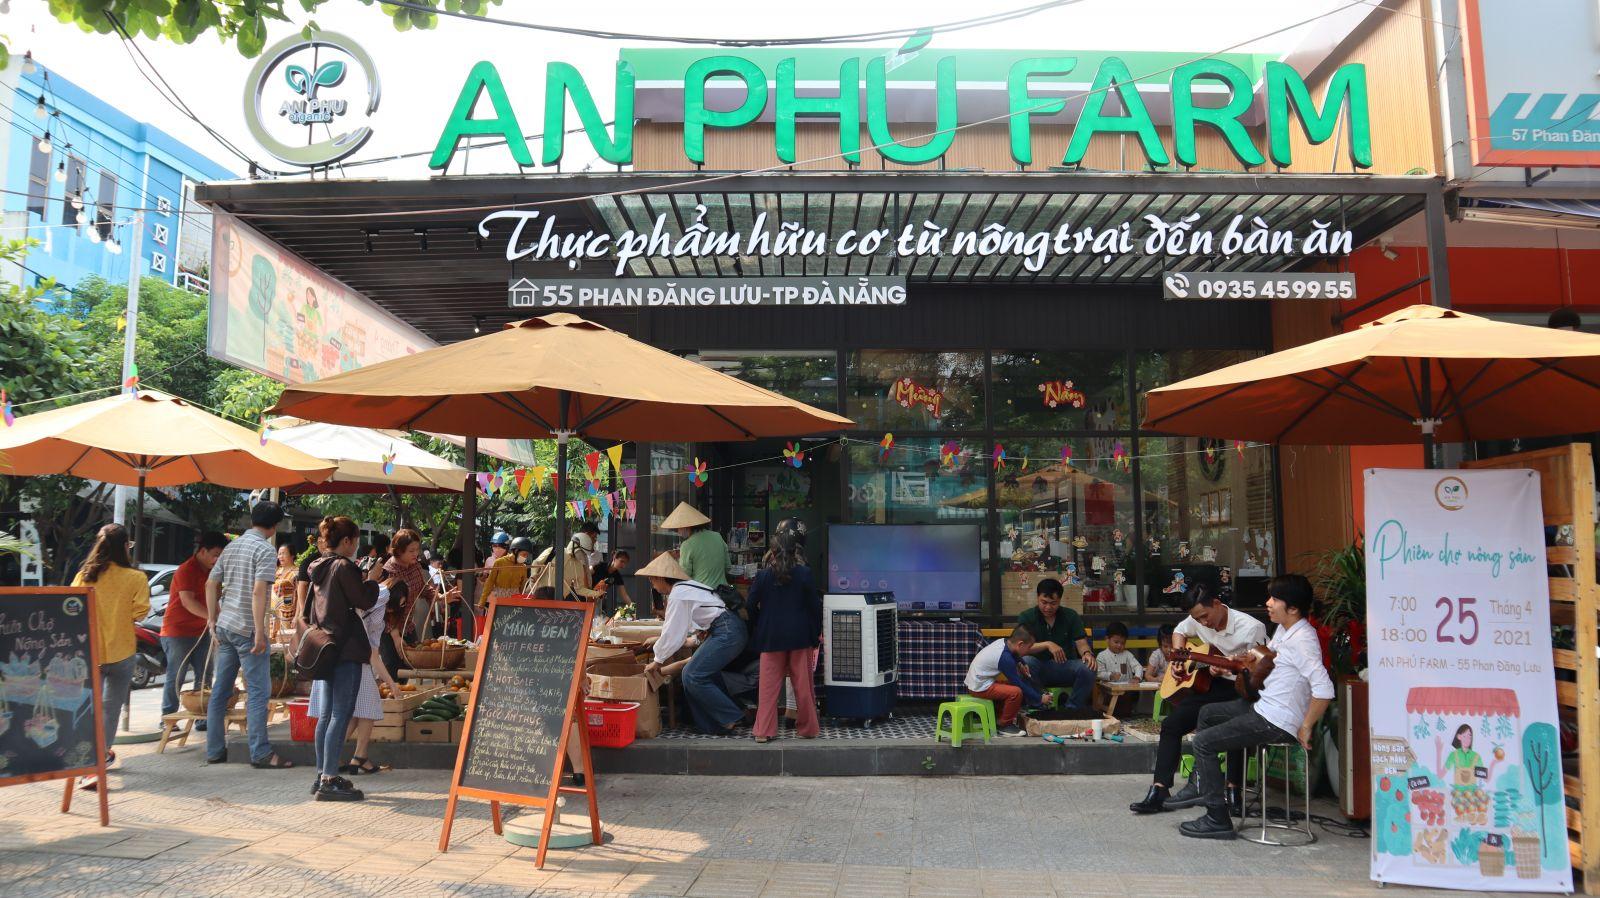 Phiên chợ được tổ chức tại cửa hàng An Phú Farm trên đường Phan Đăng Lưu (Q. Hải Châu, TP. Đà Nẵng)